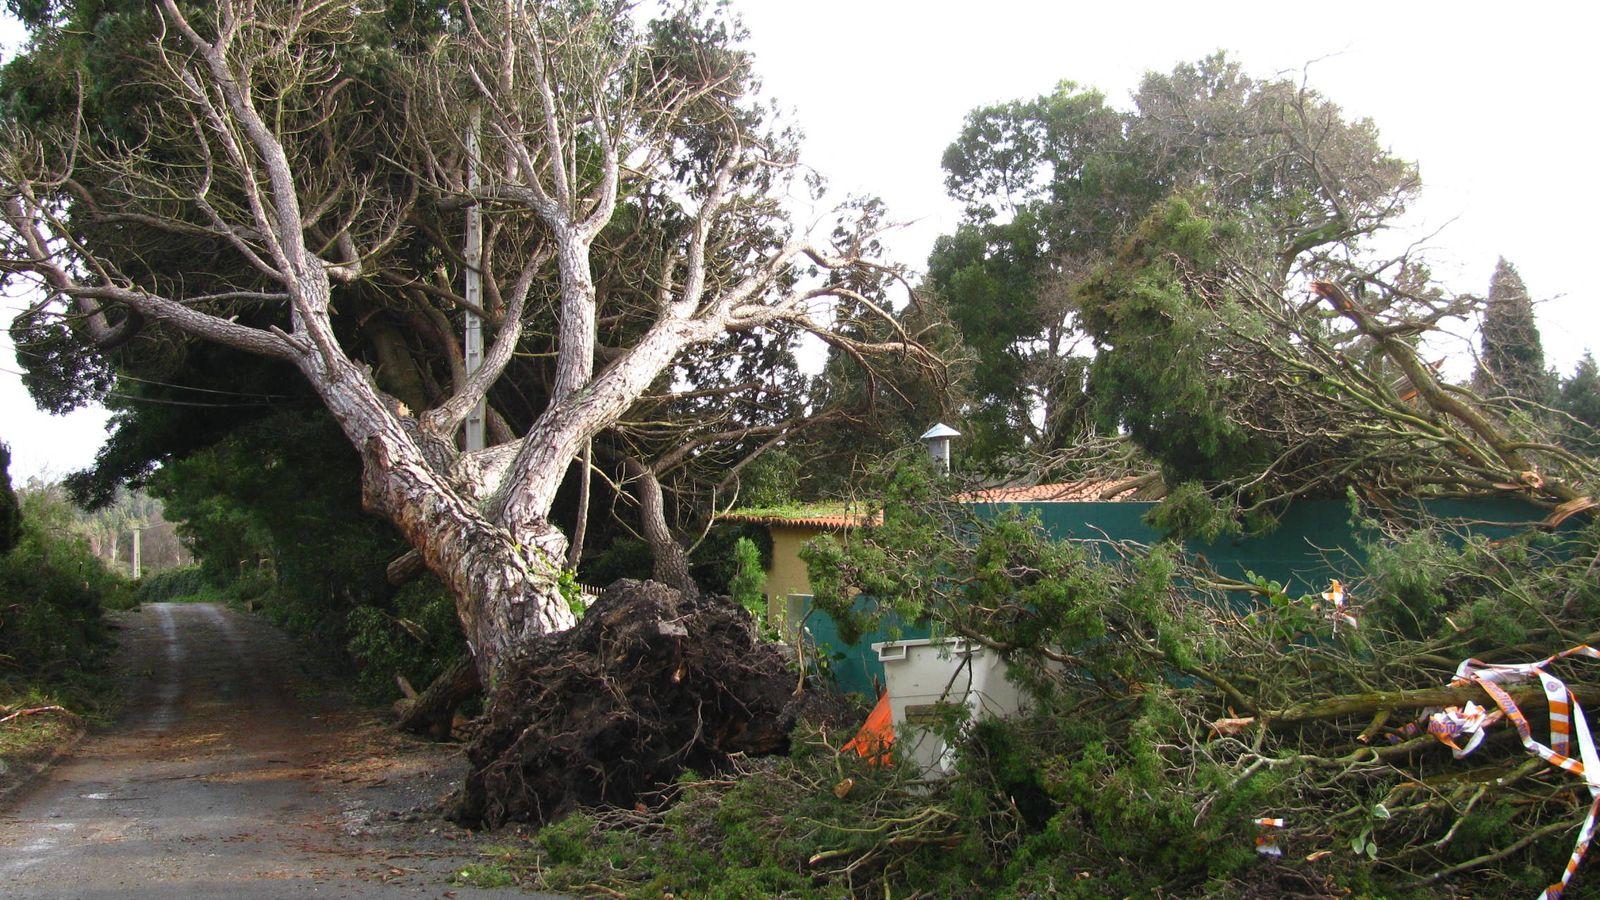 Foto: Árboles arrancados cerca de A Coruña tras el paso del huracán Klaus en 2009. (Pablo Herrero Isasi)